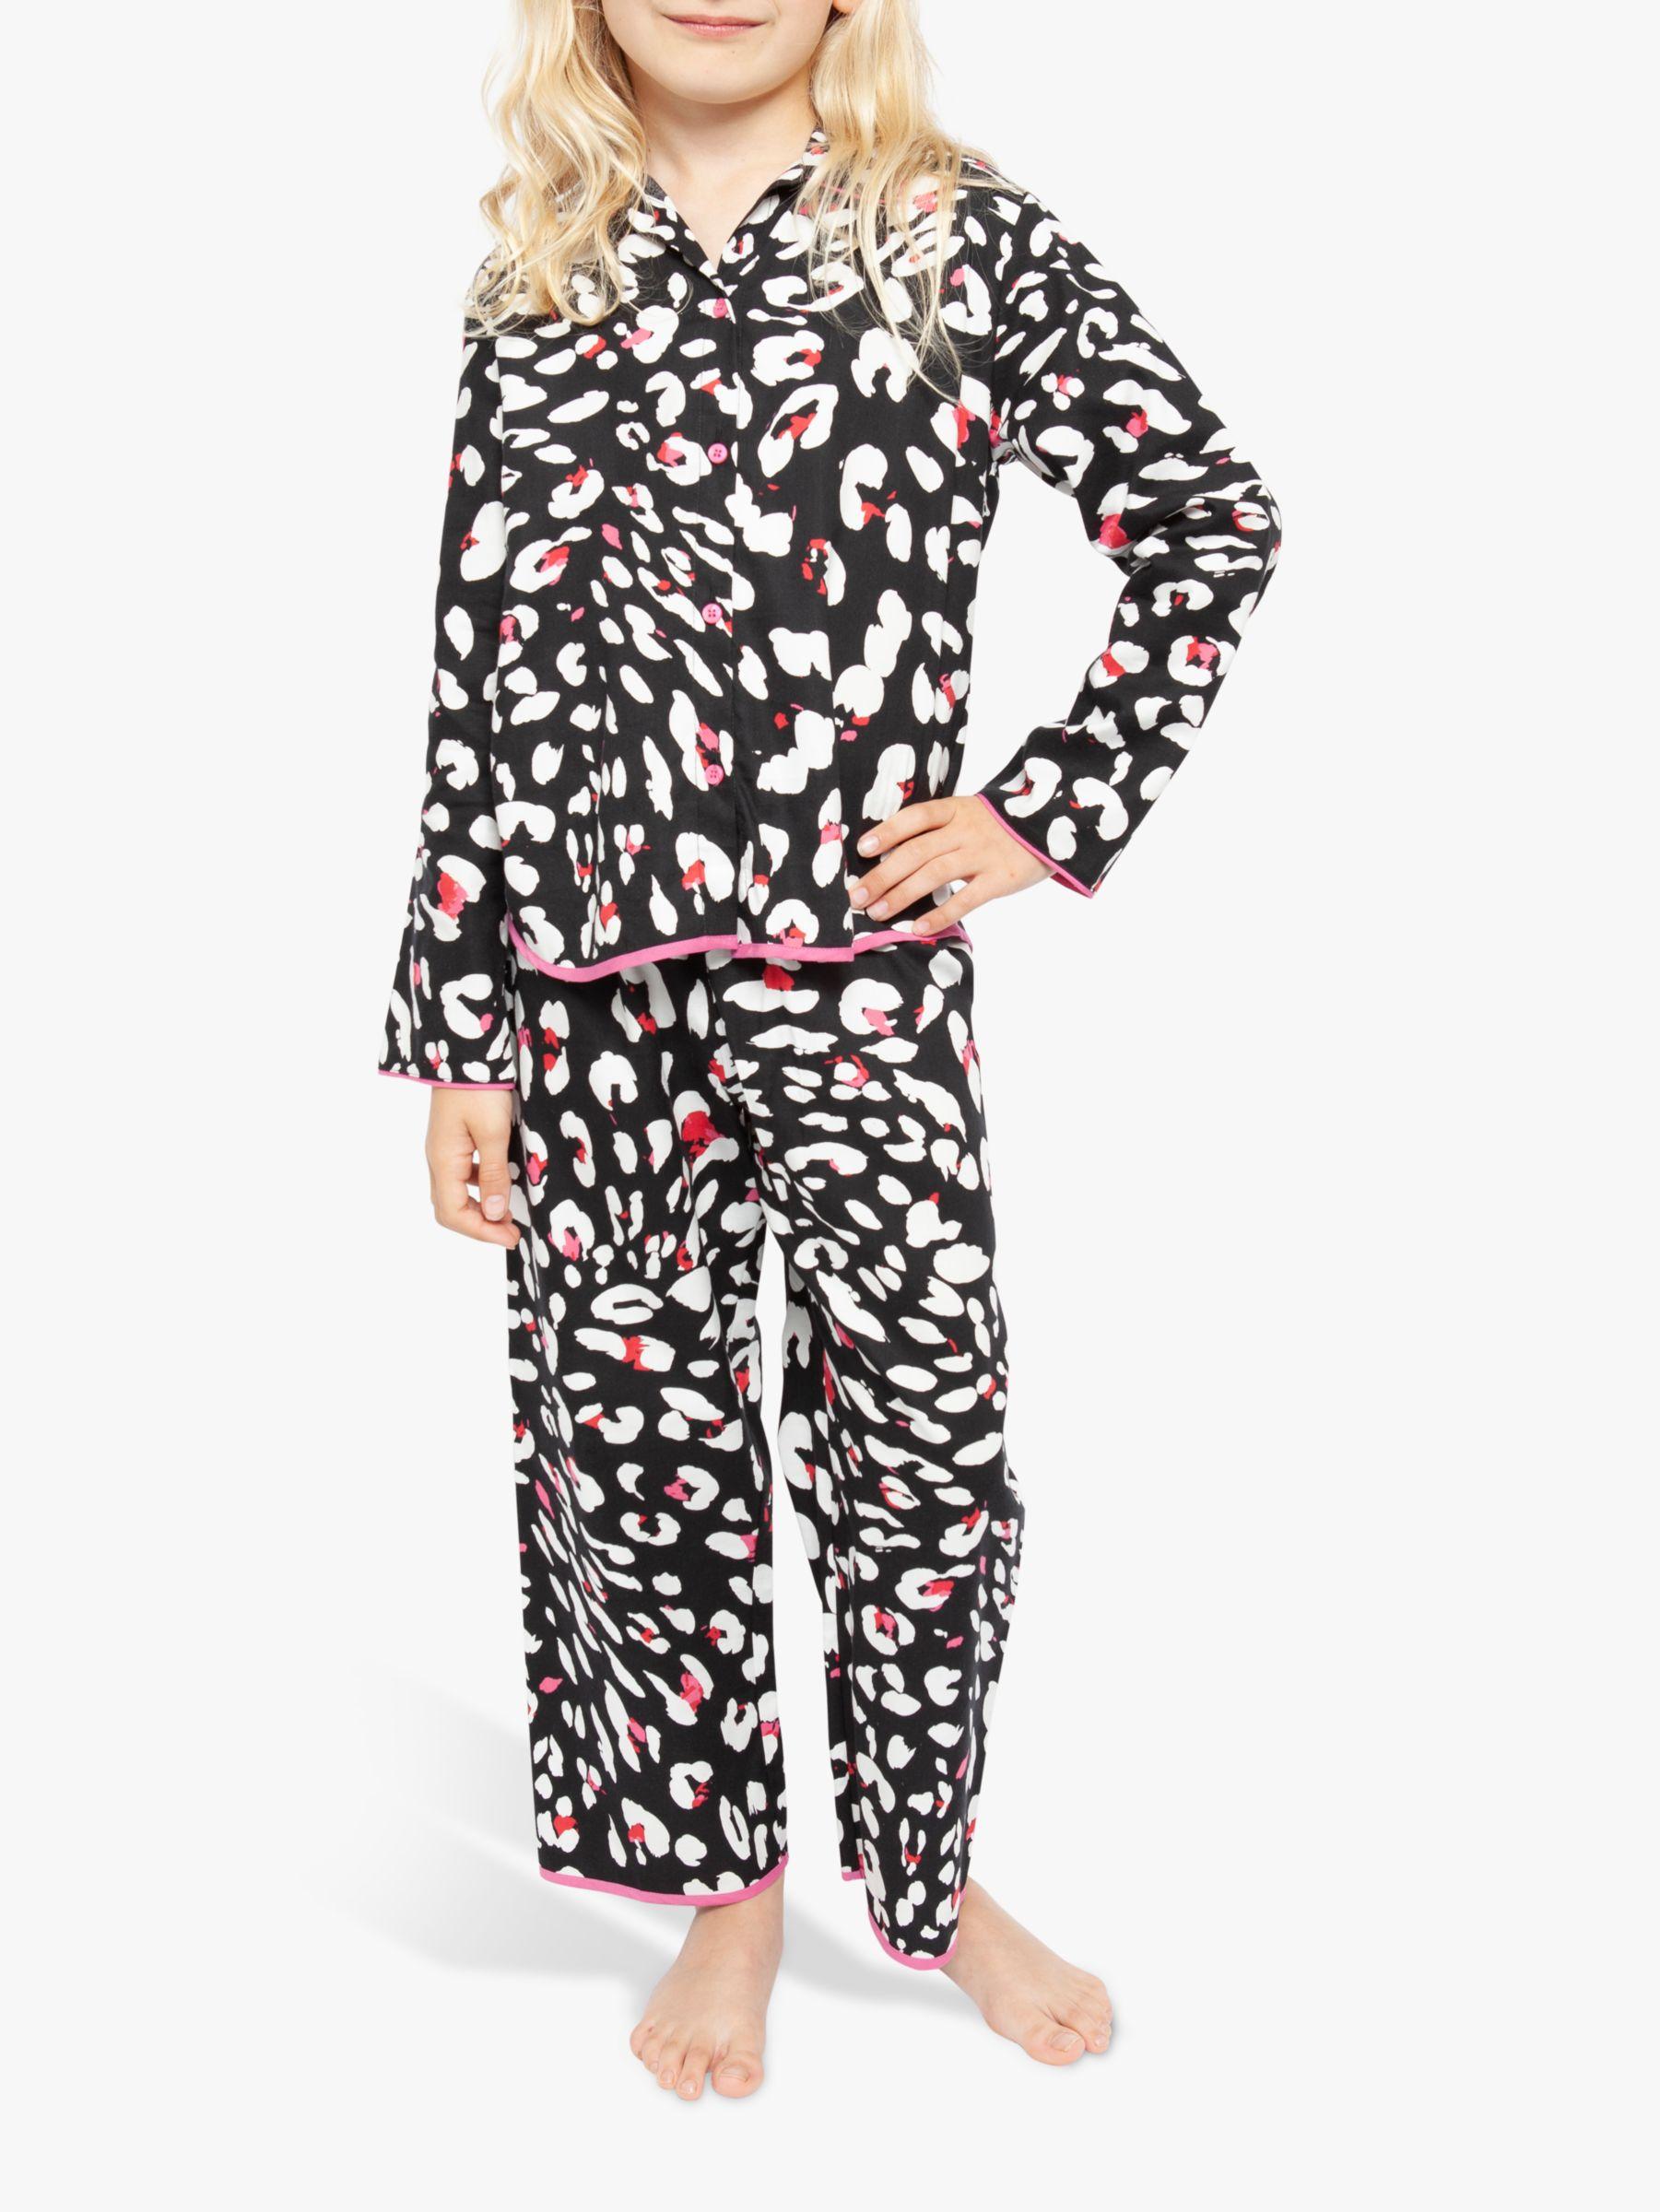 Cyberjammies Cyberjammies Girls' Animal Long Sleeve Pyjama Set, Multi